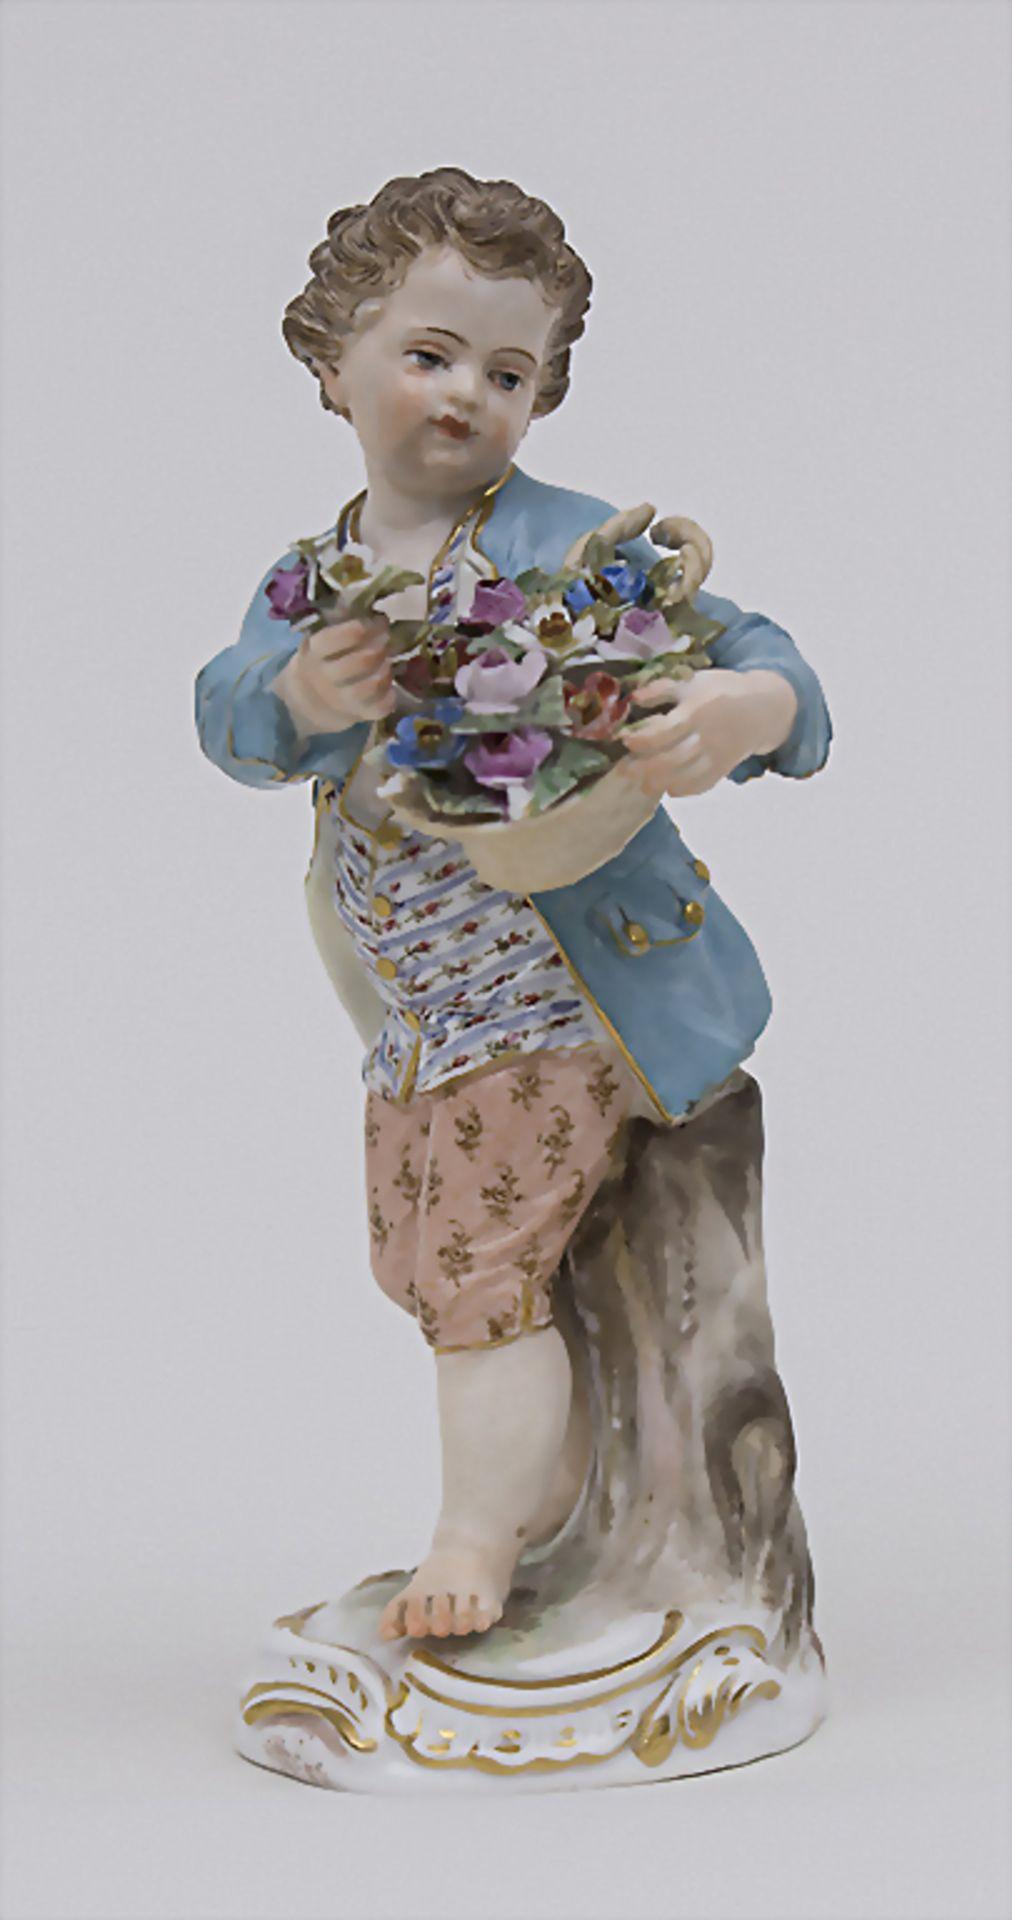 Gärtnerkind 'Junge mit Blumenkorb' / A gardener's child 'boy with flower basket', Meissen, Mitte 19.